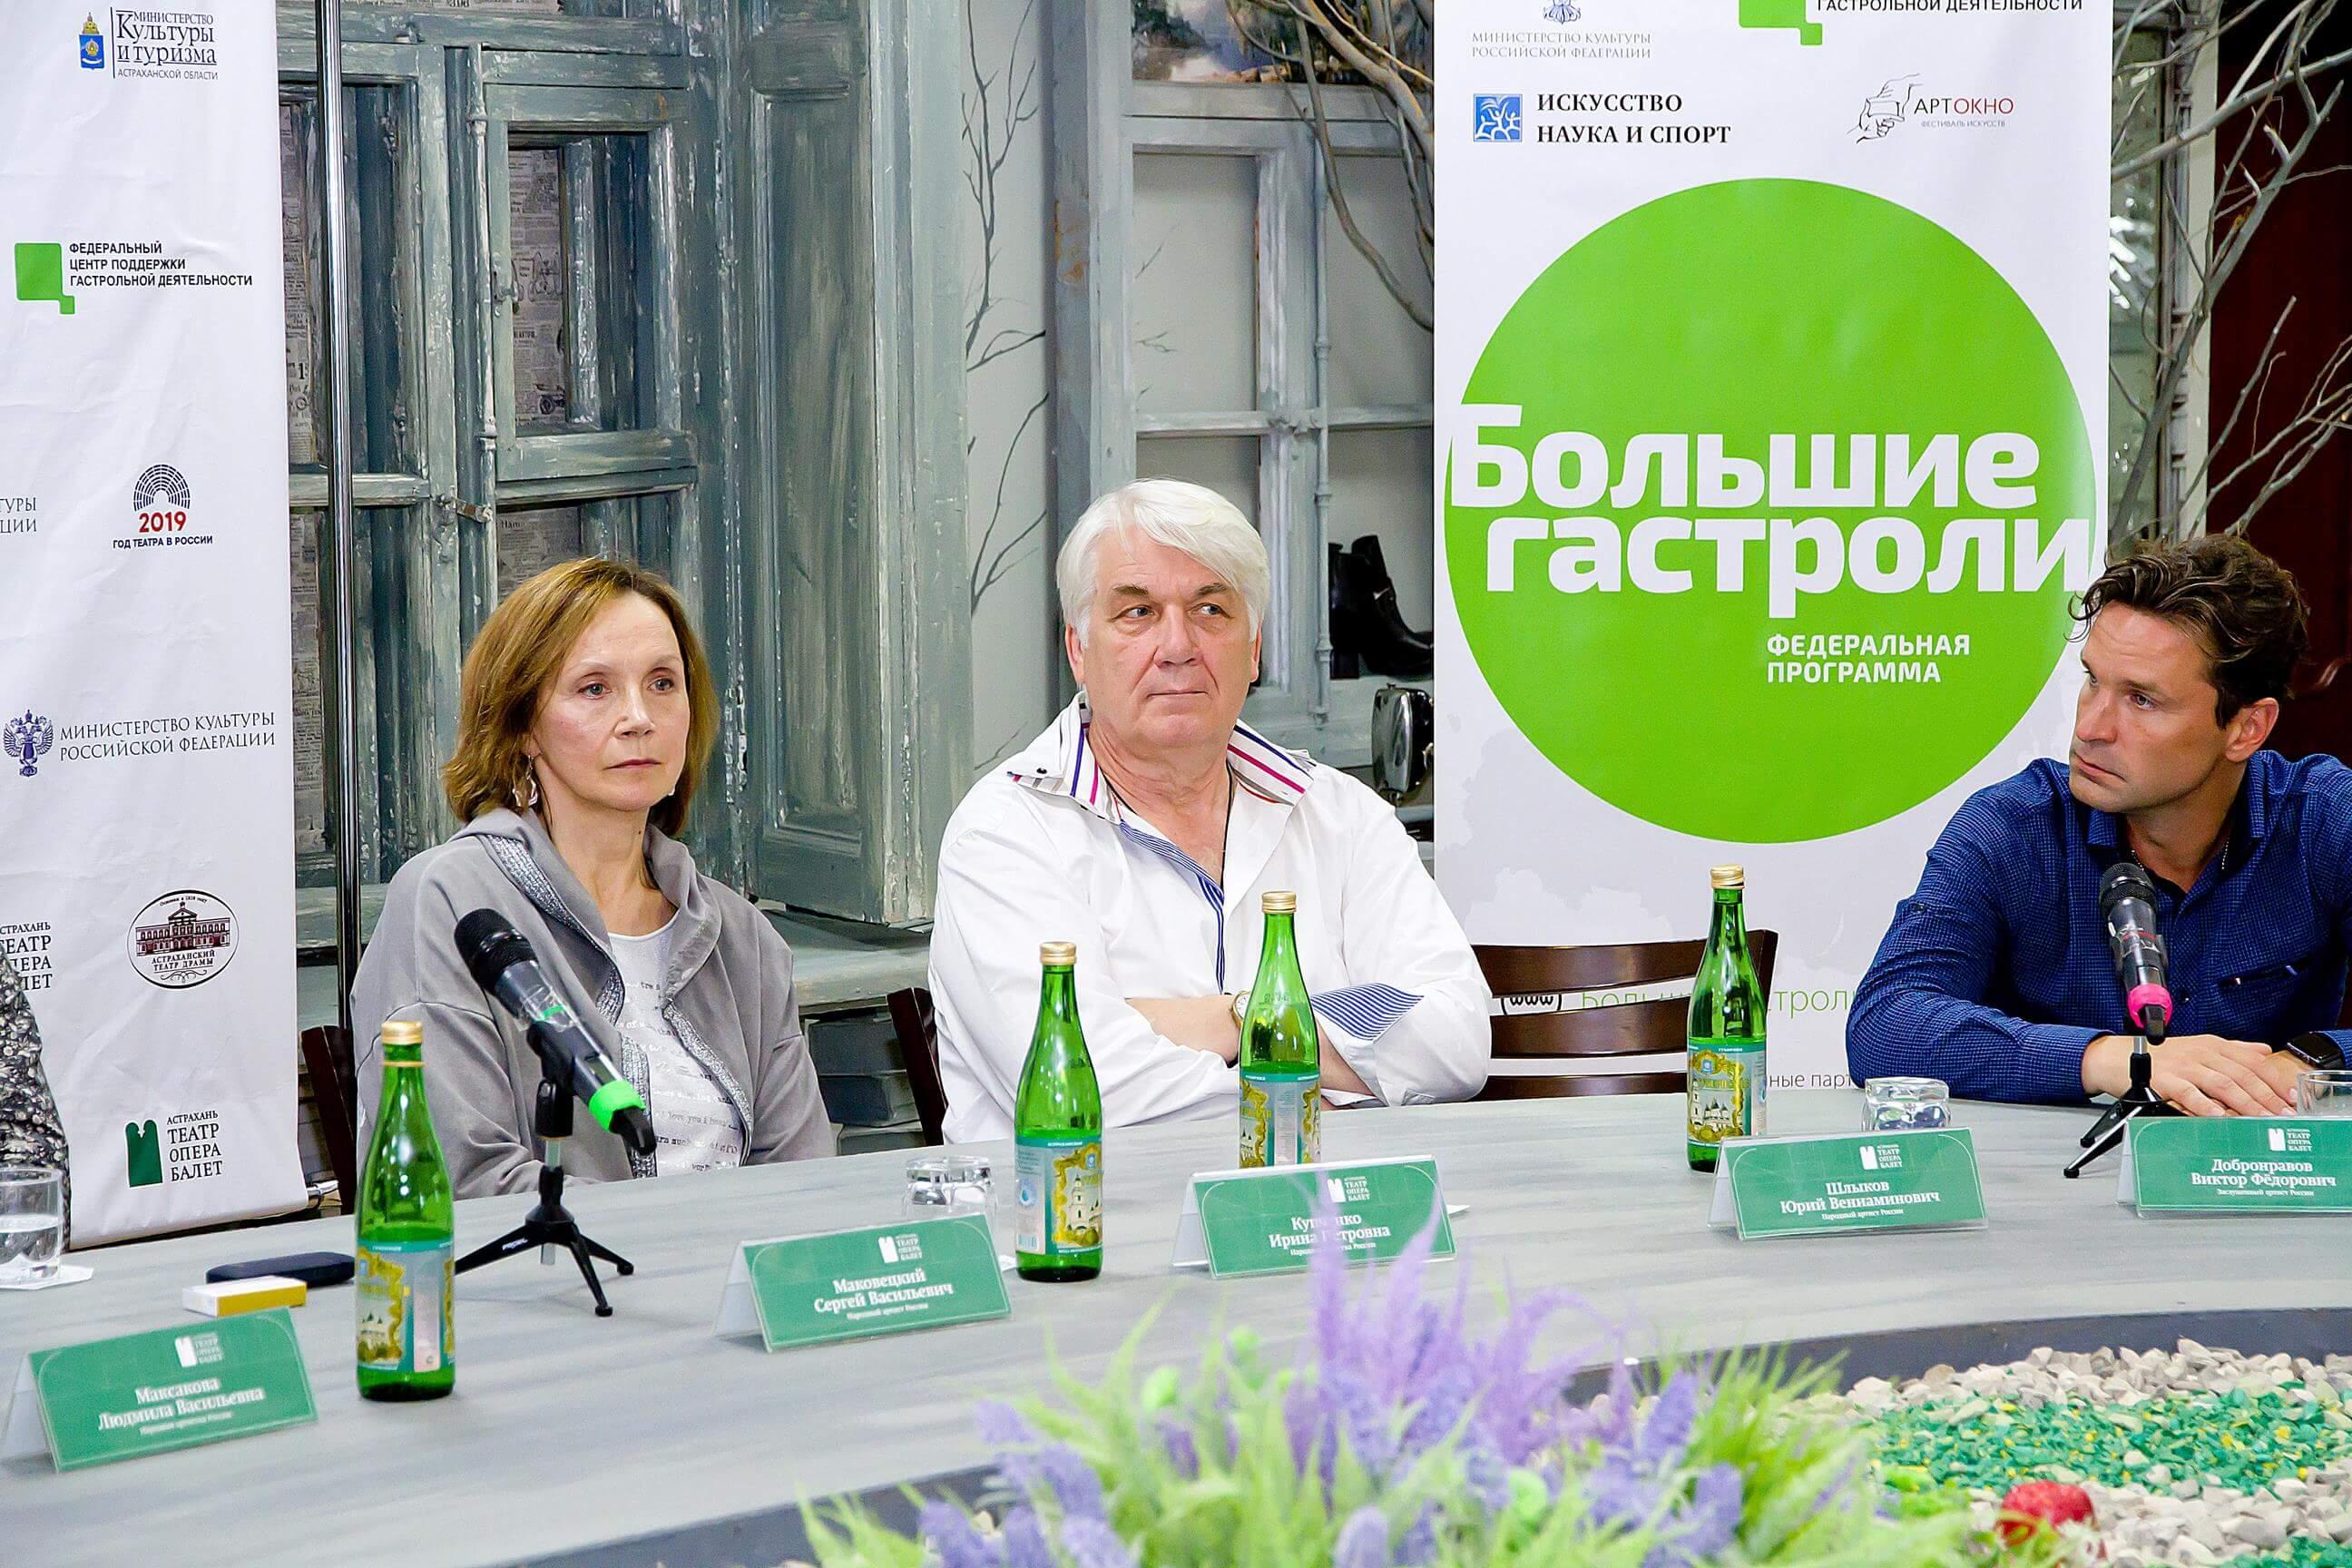 2019.07.08_vakhtangov_theater_2